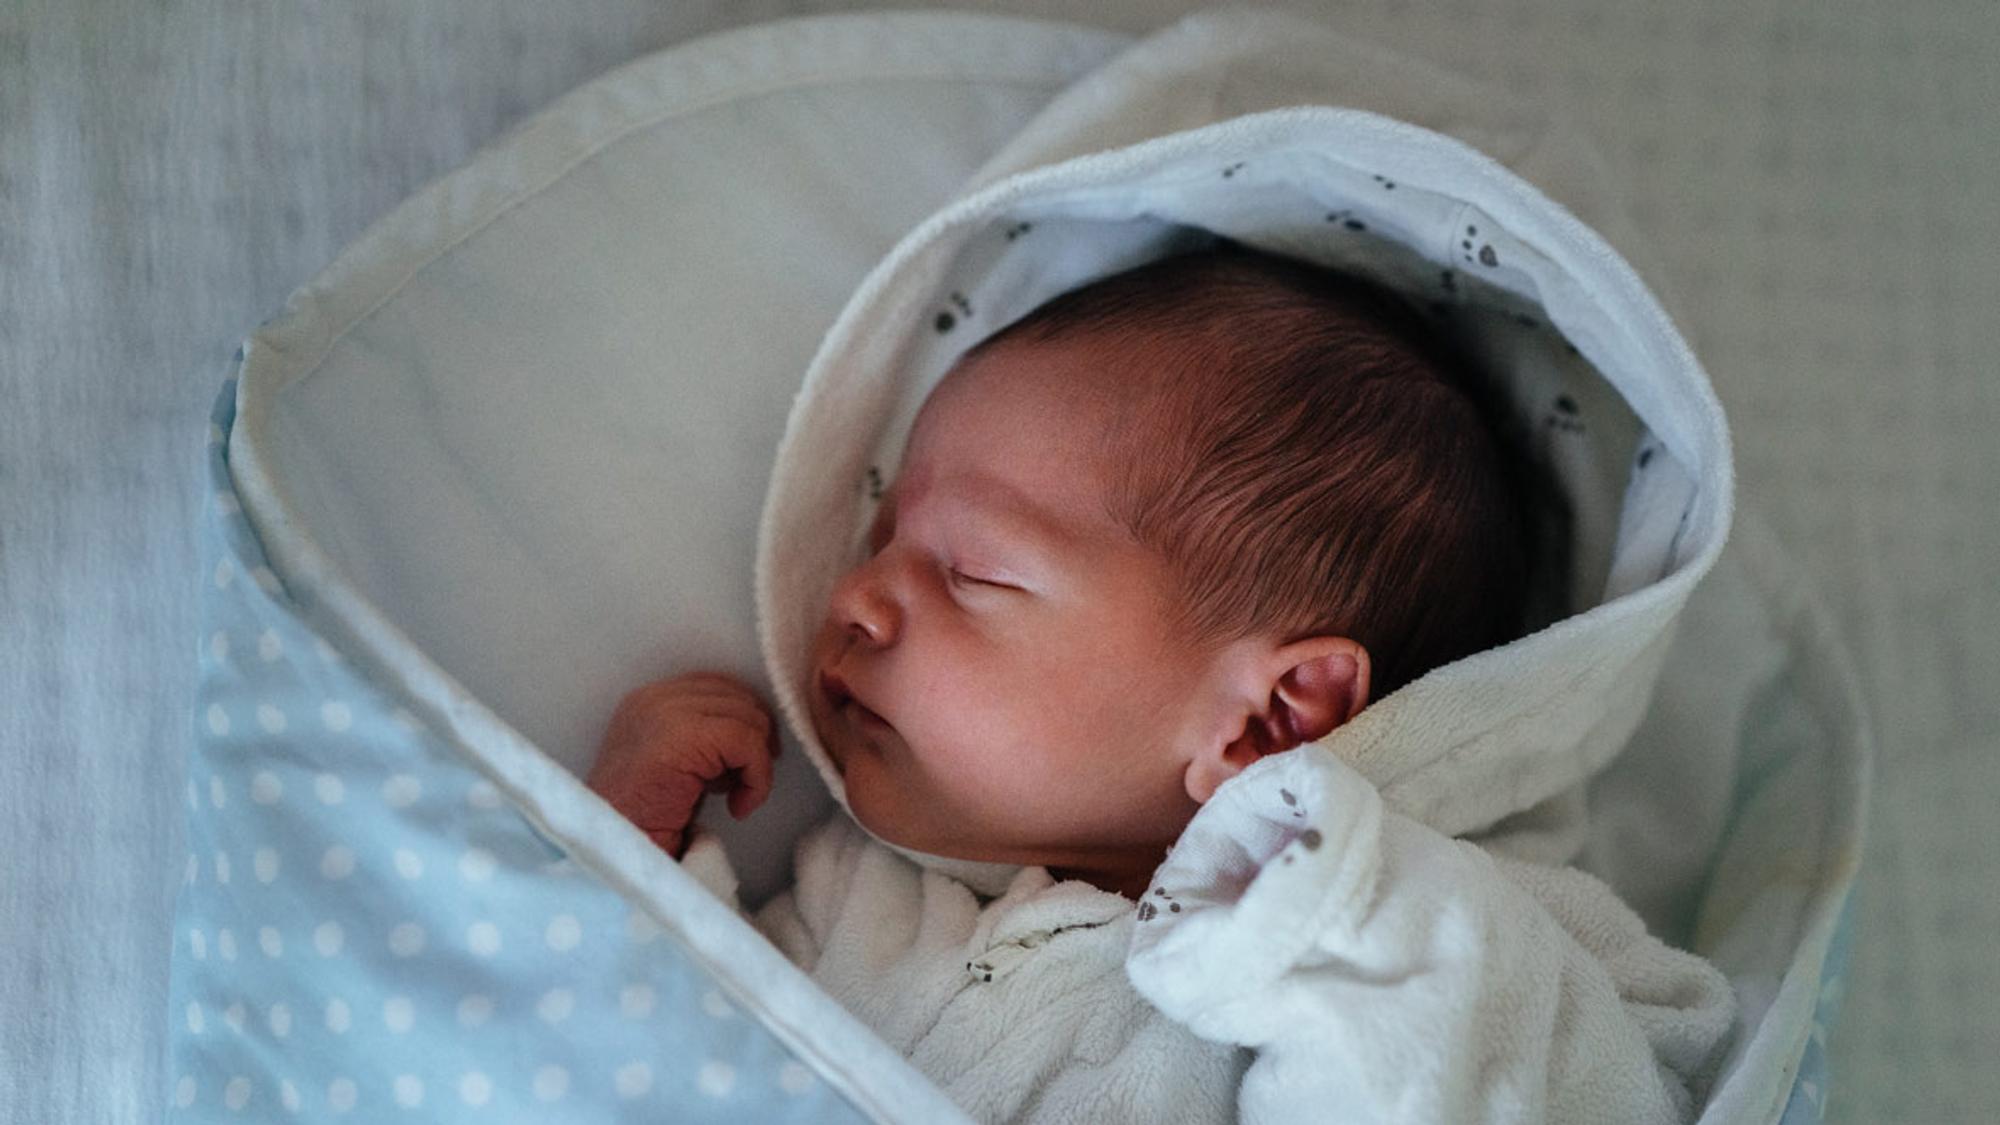 Wie schläft ein Neugeborenes? Tipps und FAQ